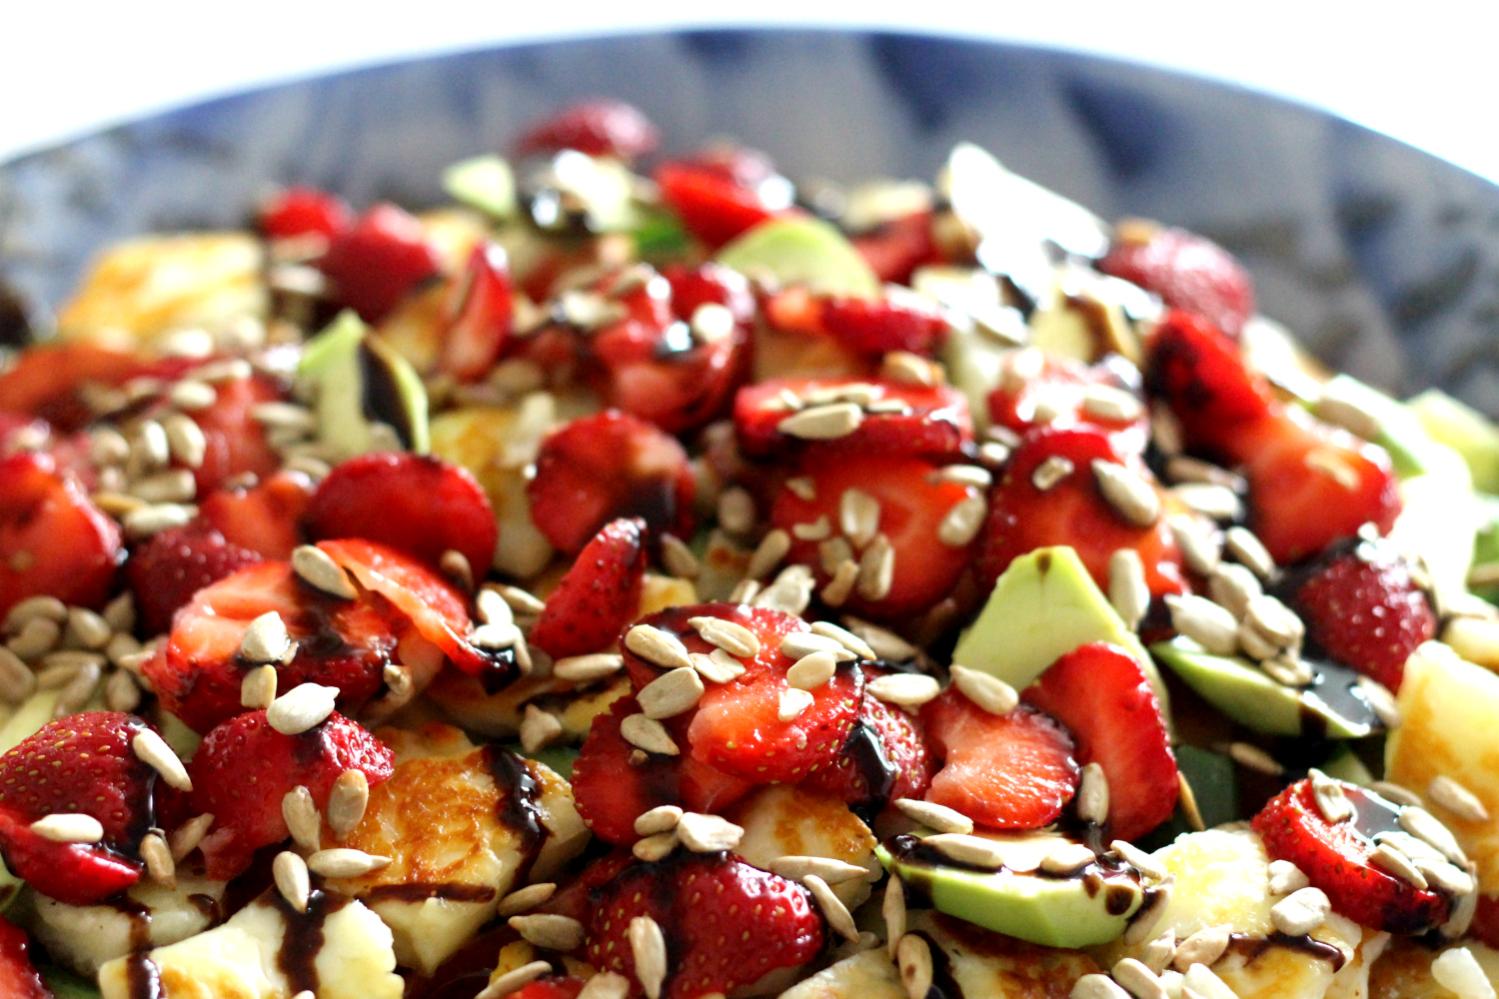 Mansikka-halloumisalaatti ja mansikan terveysvaikutukset